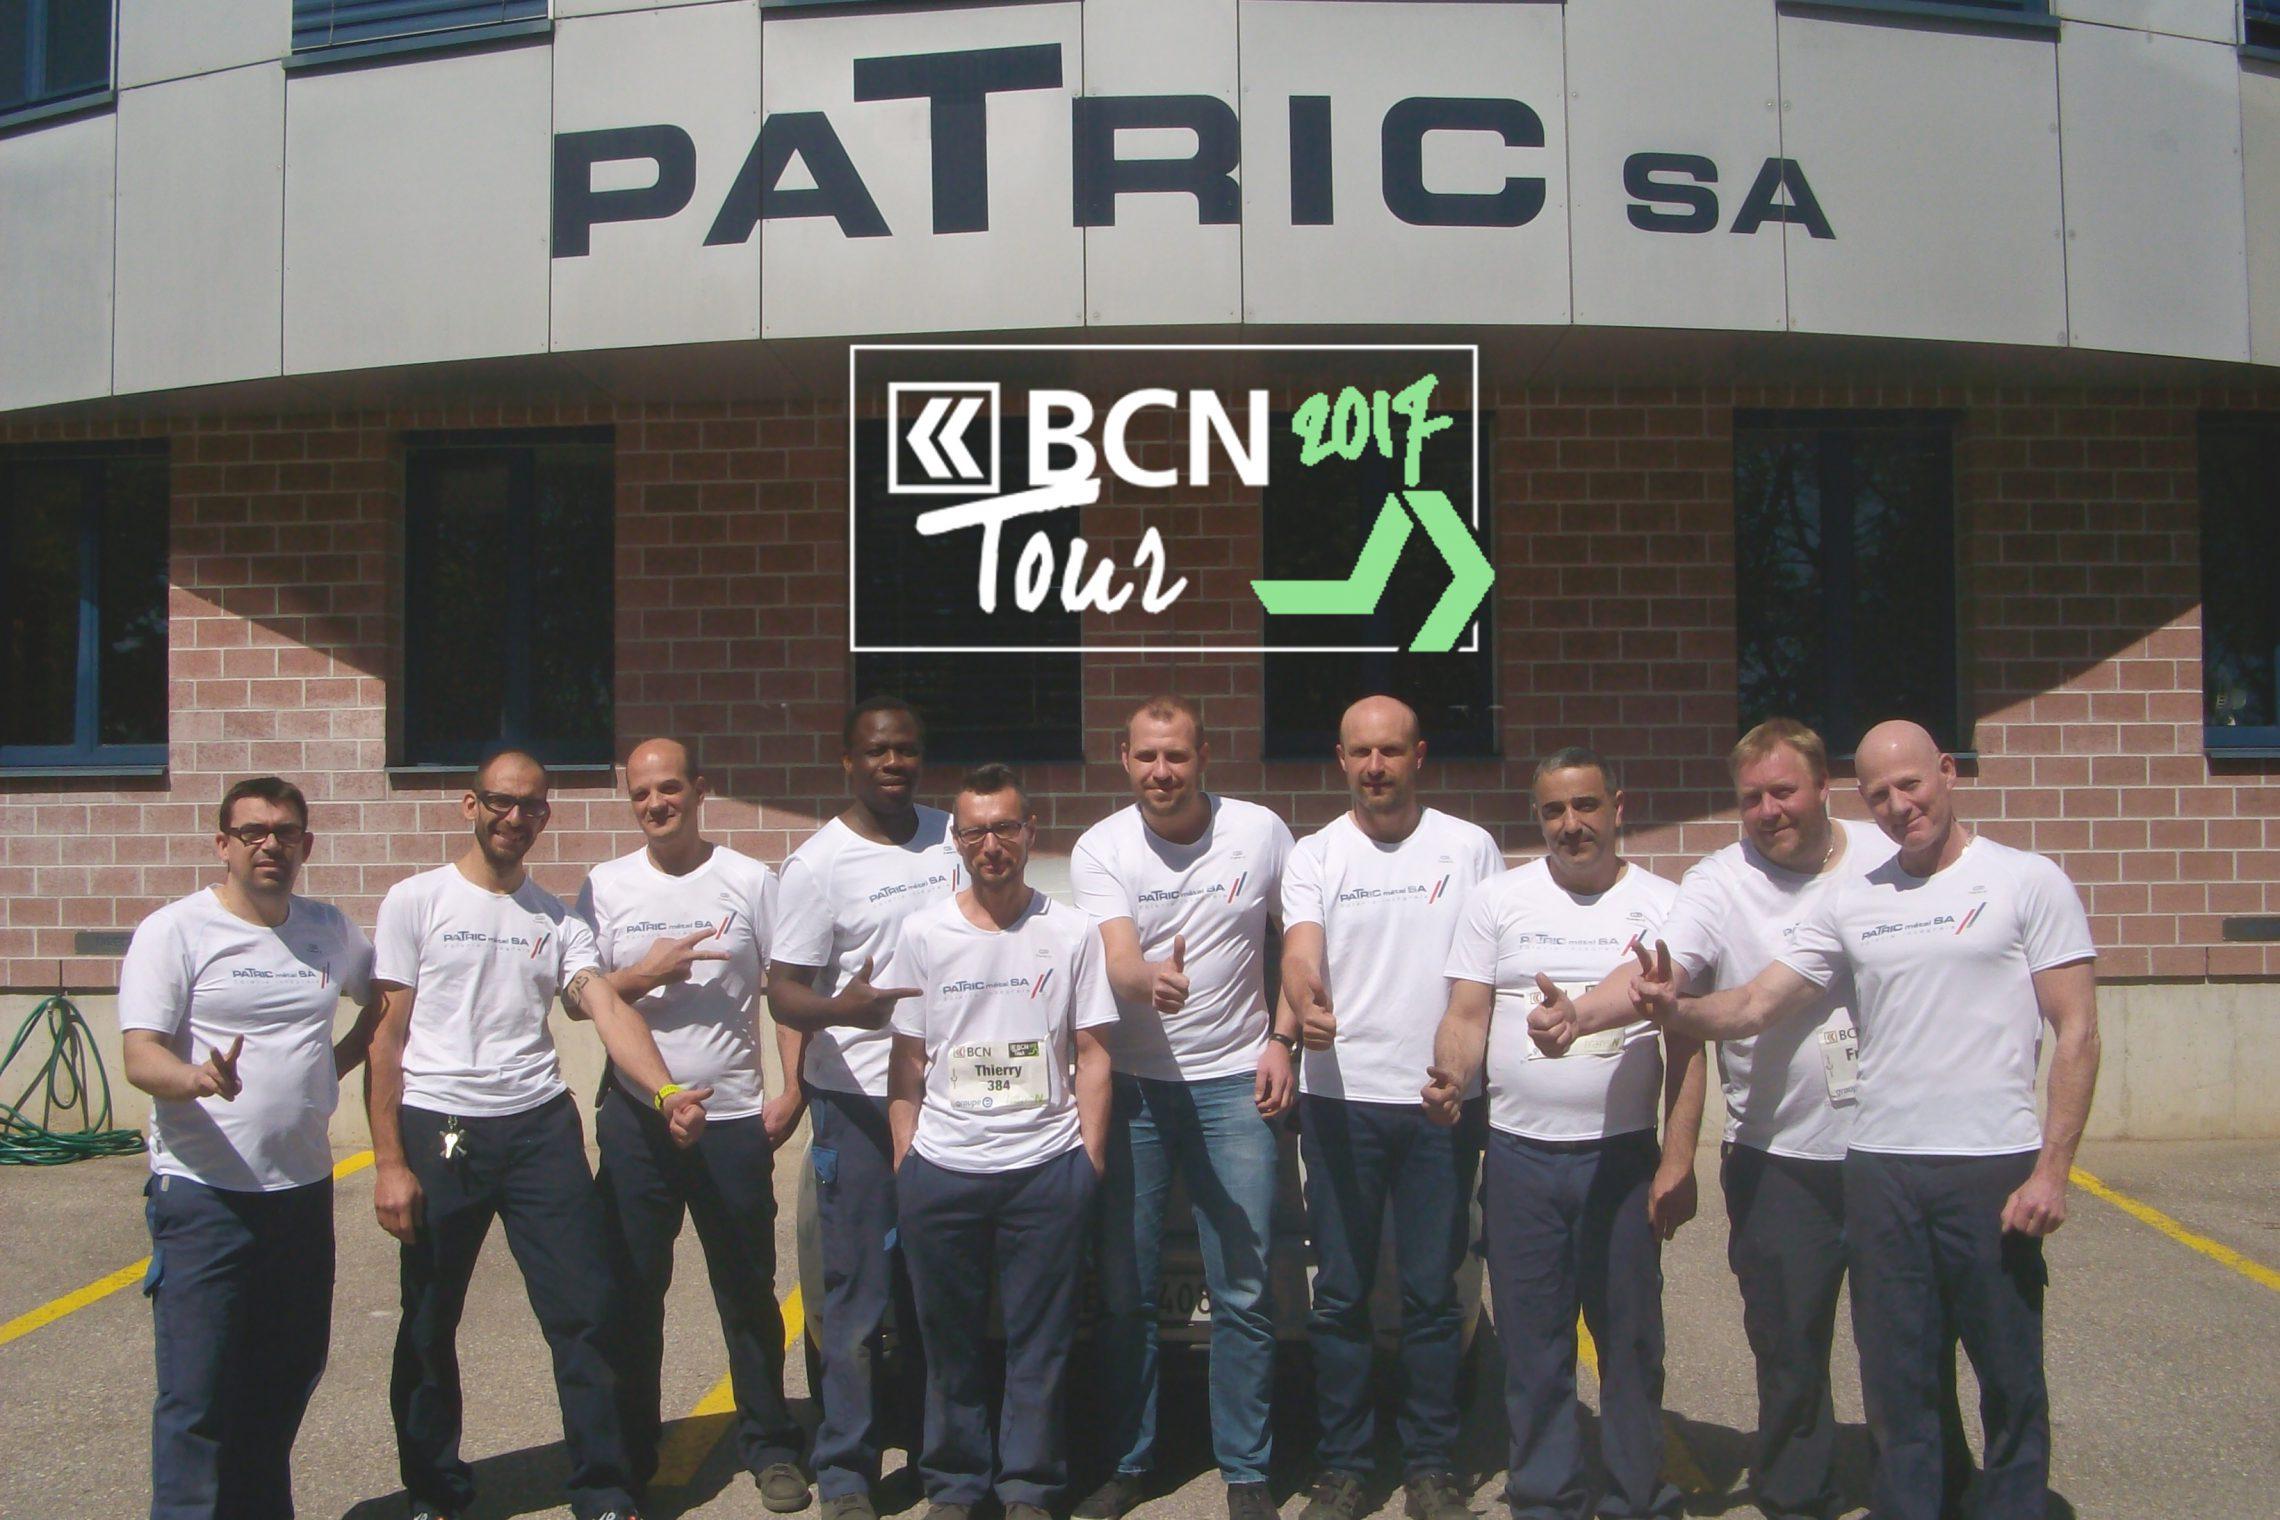 Equipe BCN Tour 2017